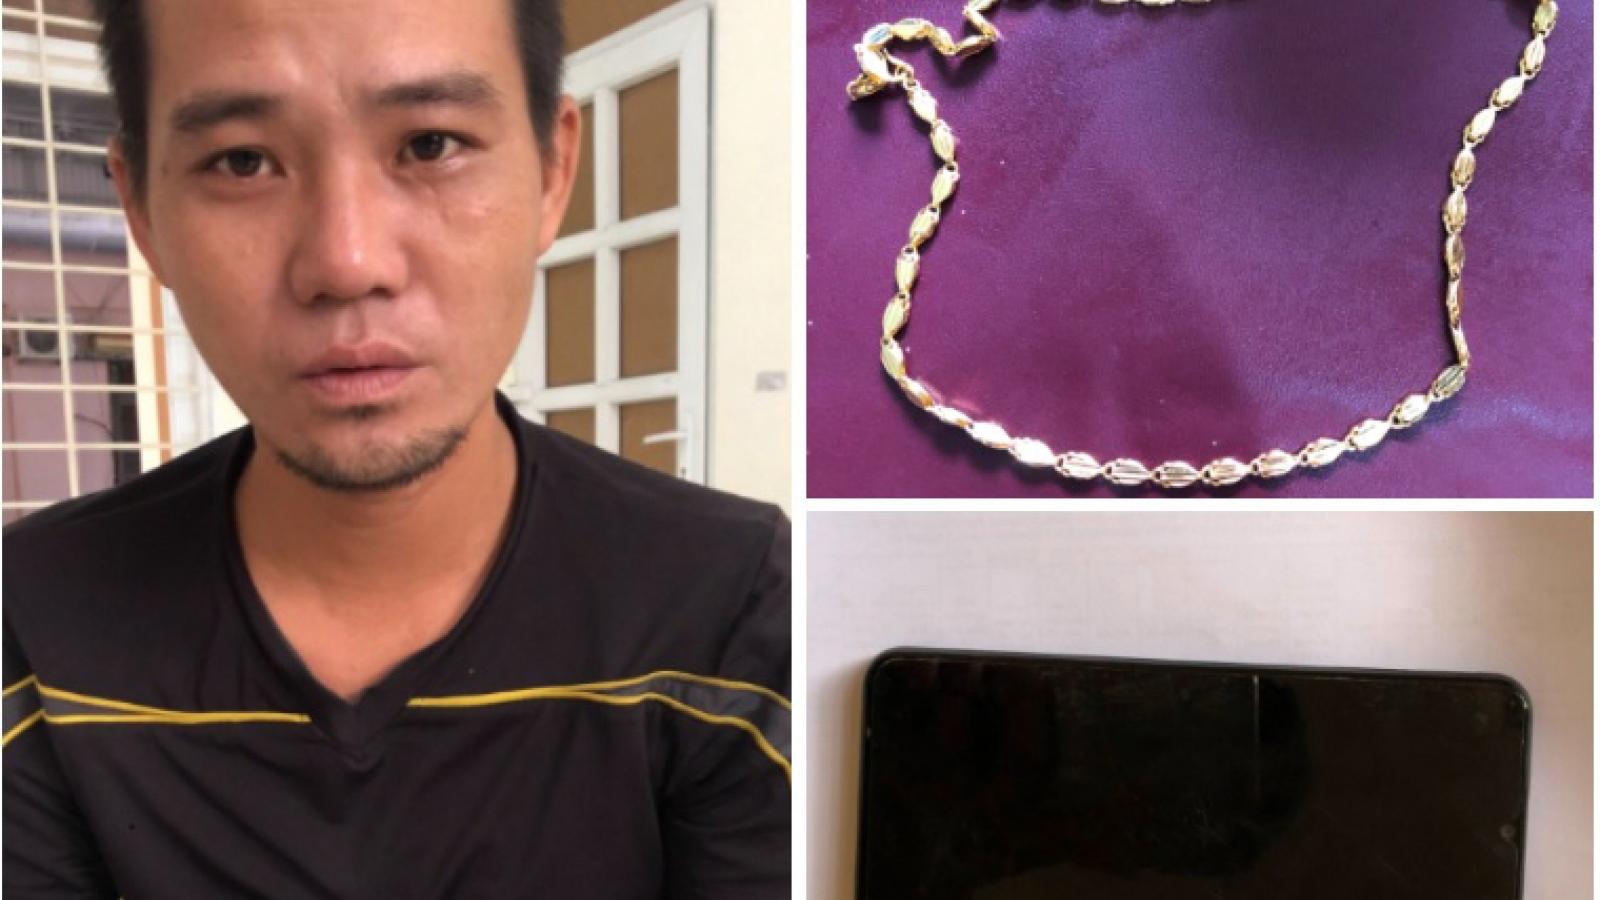 Đột nhập lán công nhân trộm dây chuyền vàng và điện thoại